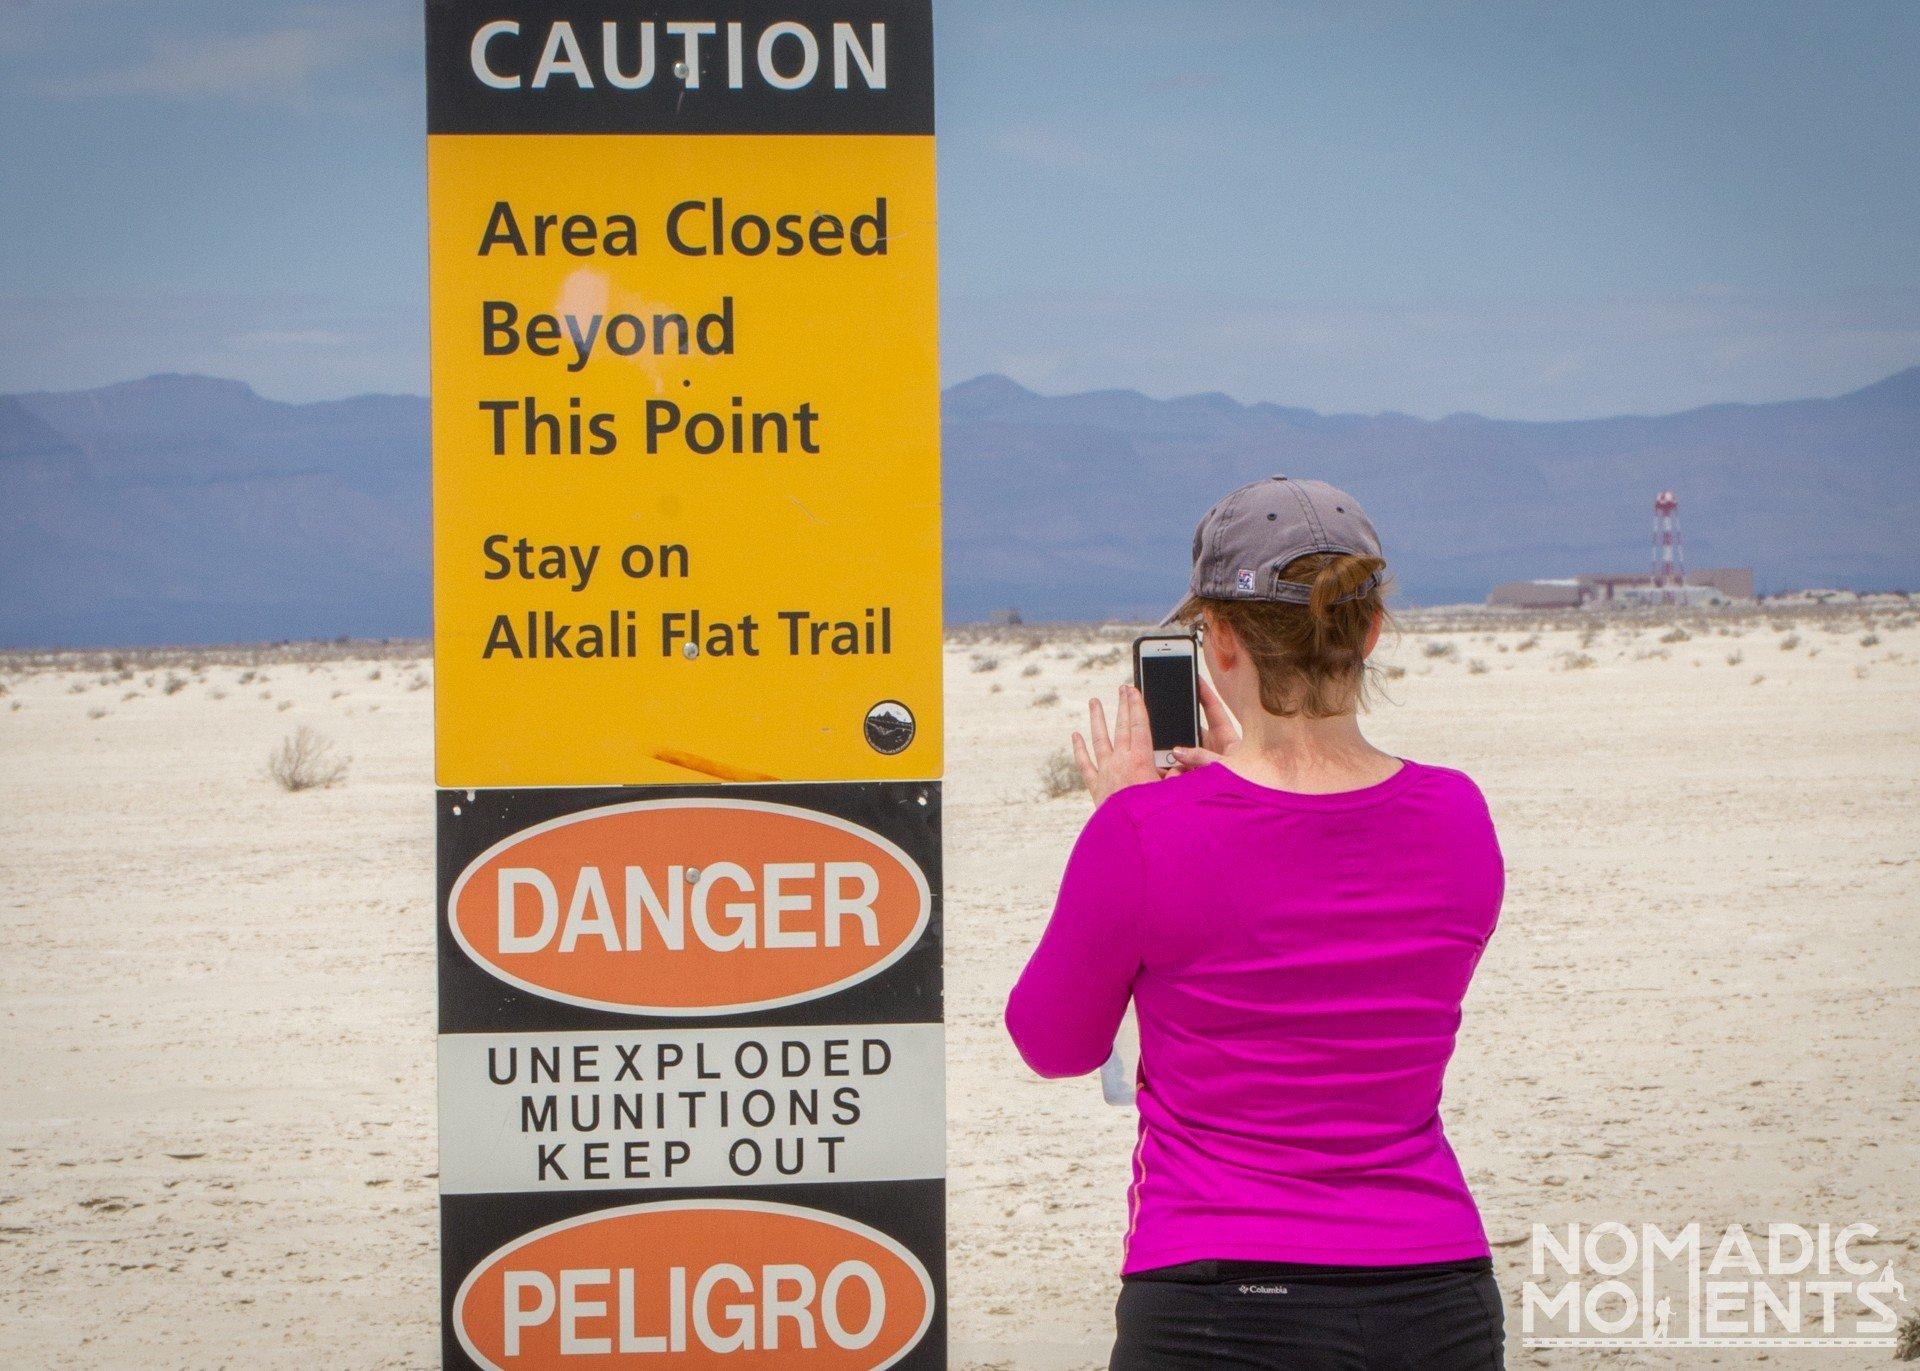 Hiker on the Alkali Flat Trail